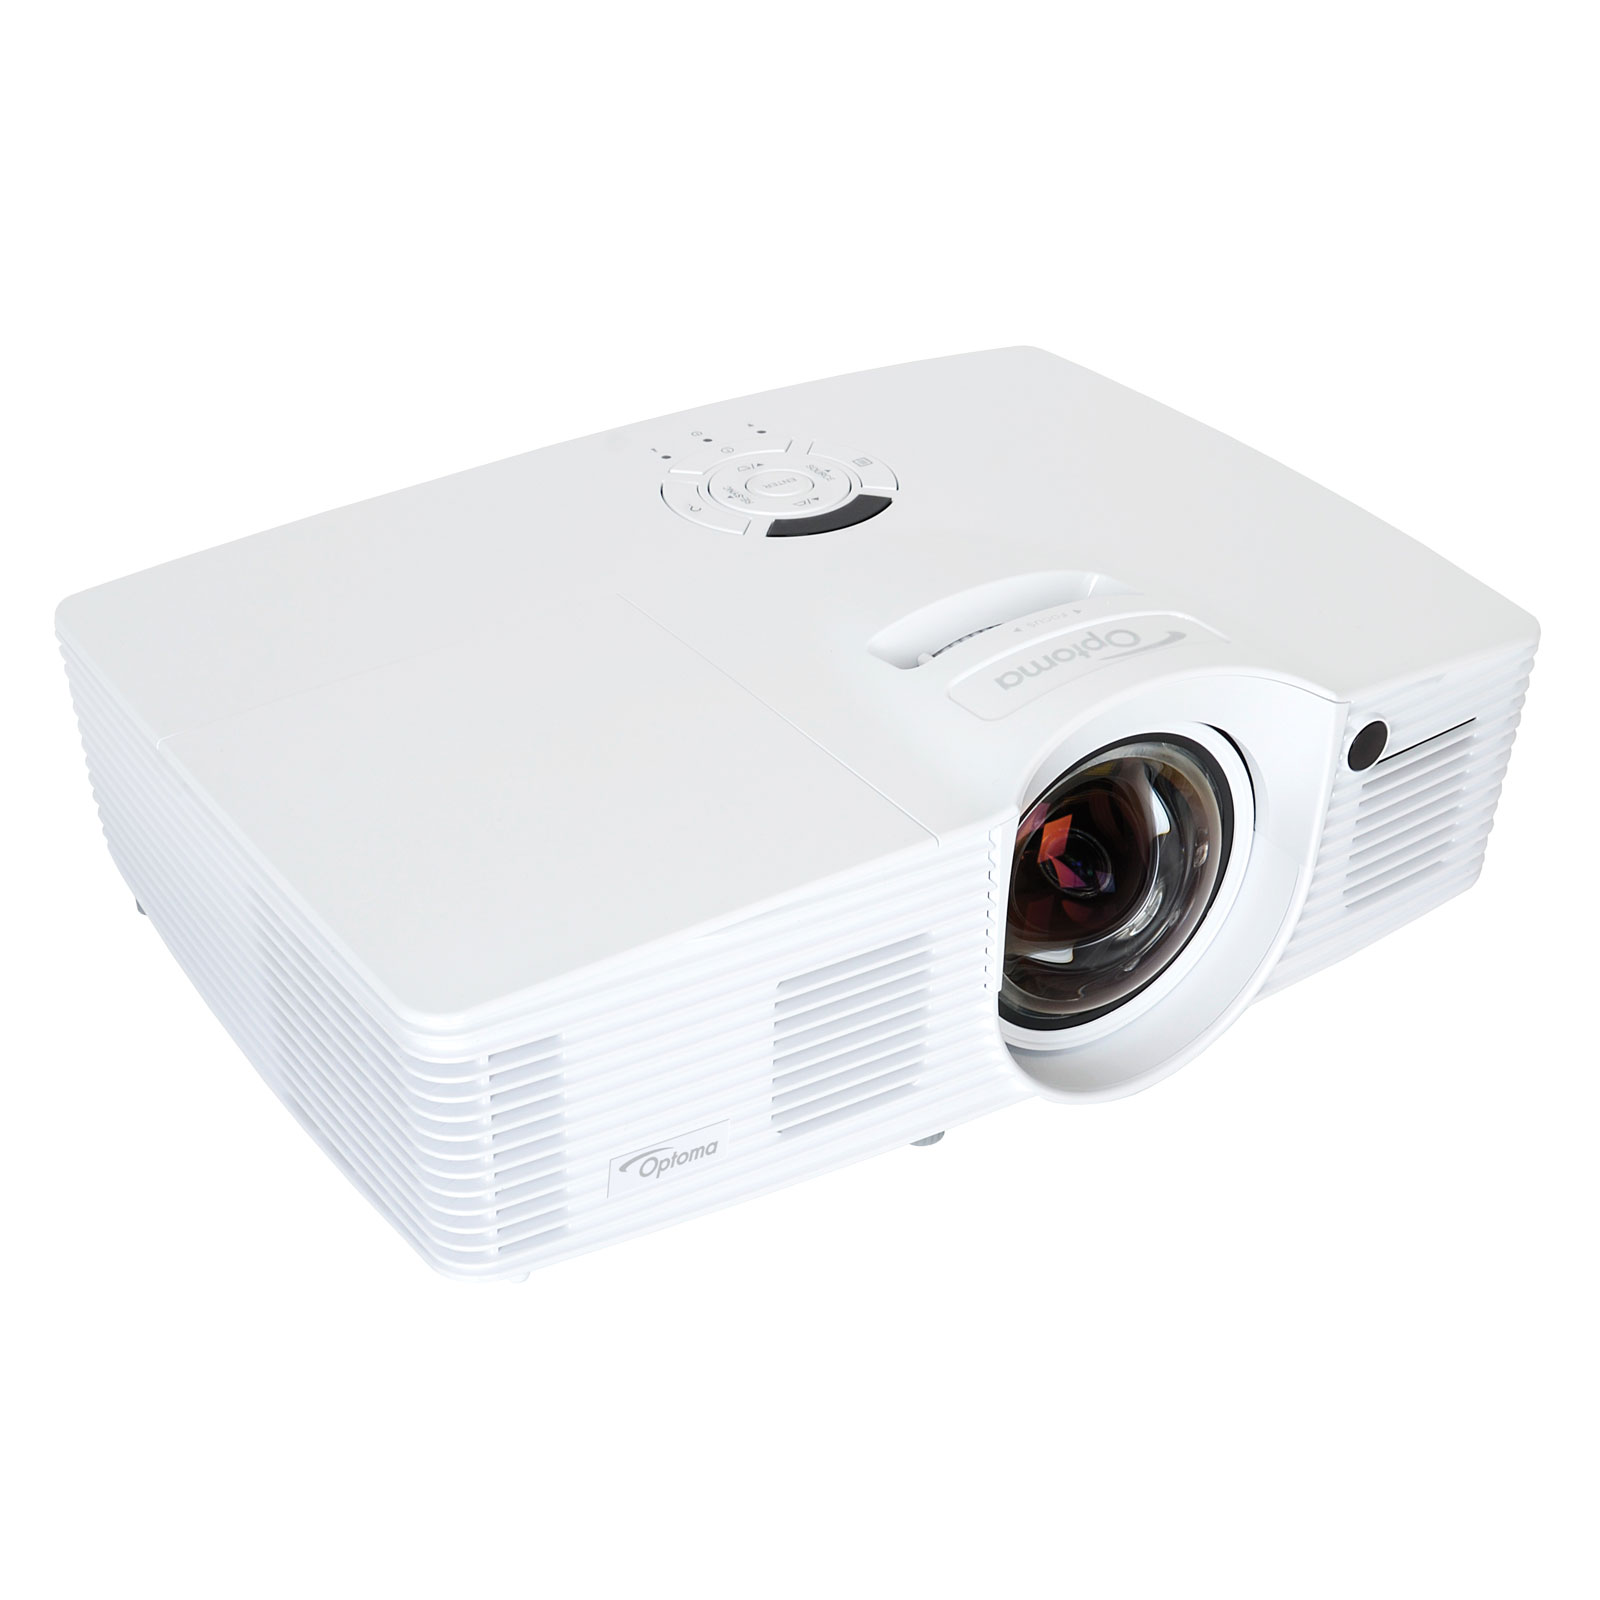 Vidéoprojecteur Optoma GT1070X Vidéoprojecteur DLP Full HD 1080p WXGA Full 3D 2600 Lumens